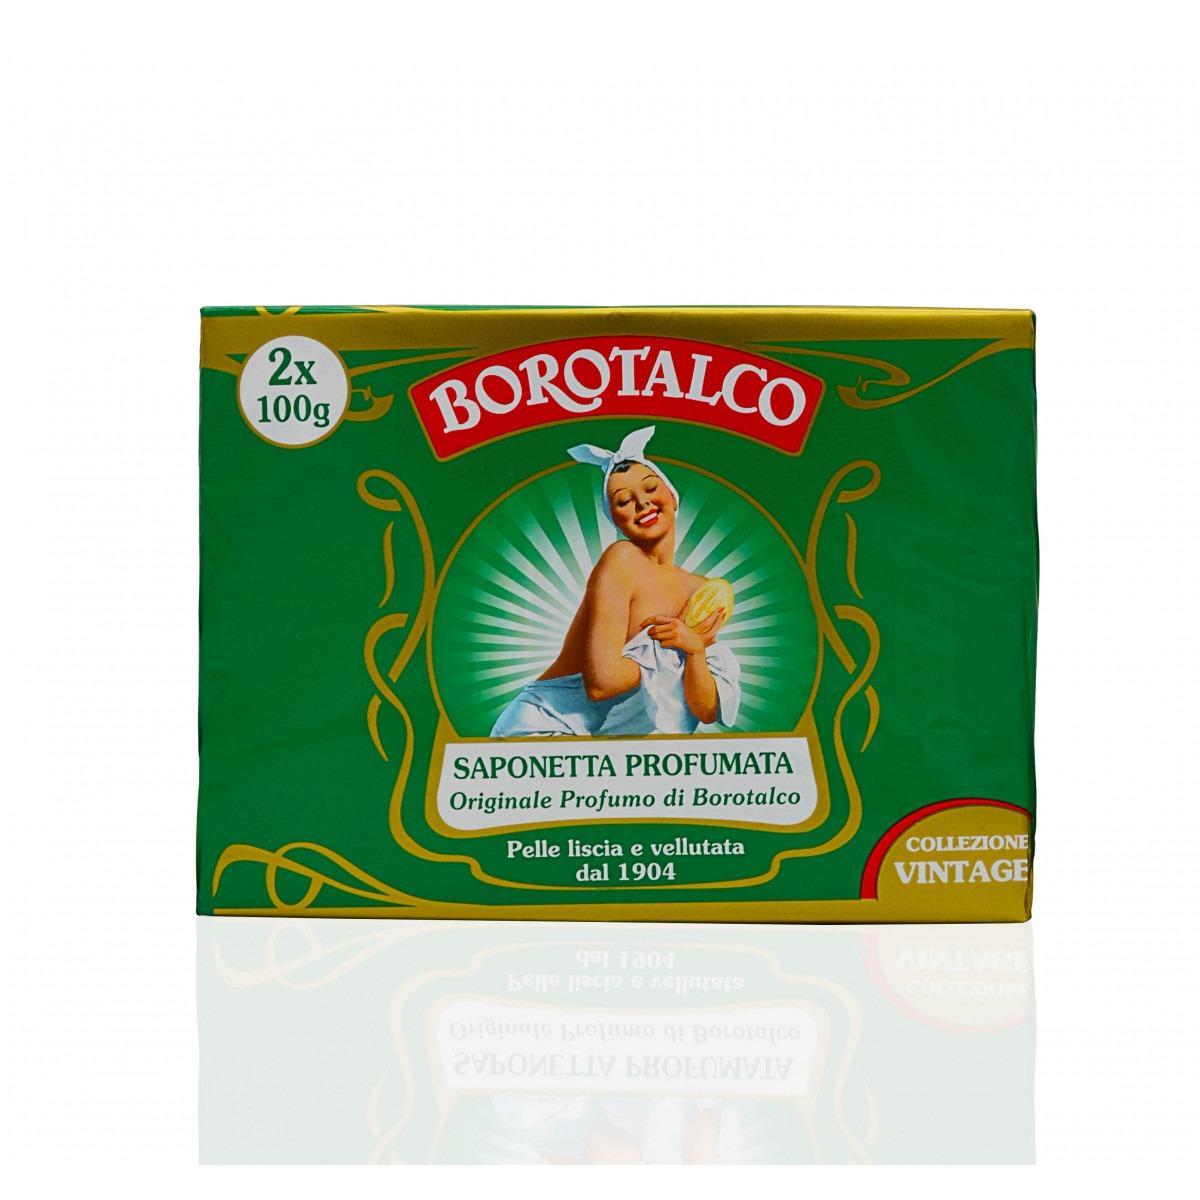 Borotalco Talc 2 x 100g Soap Bars